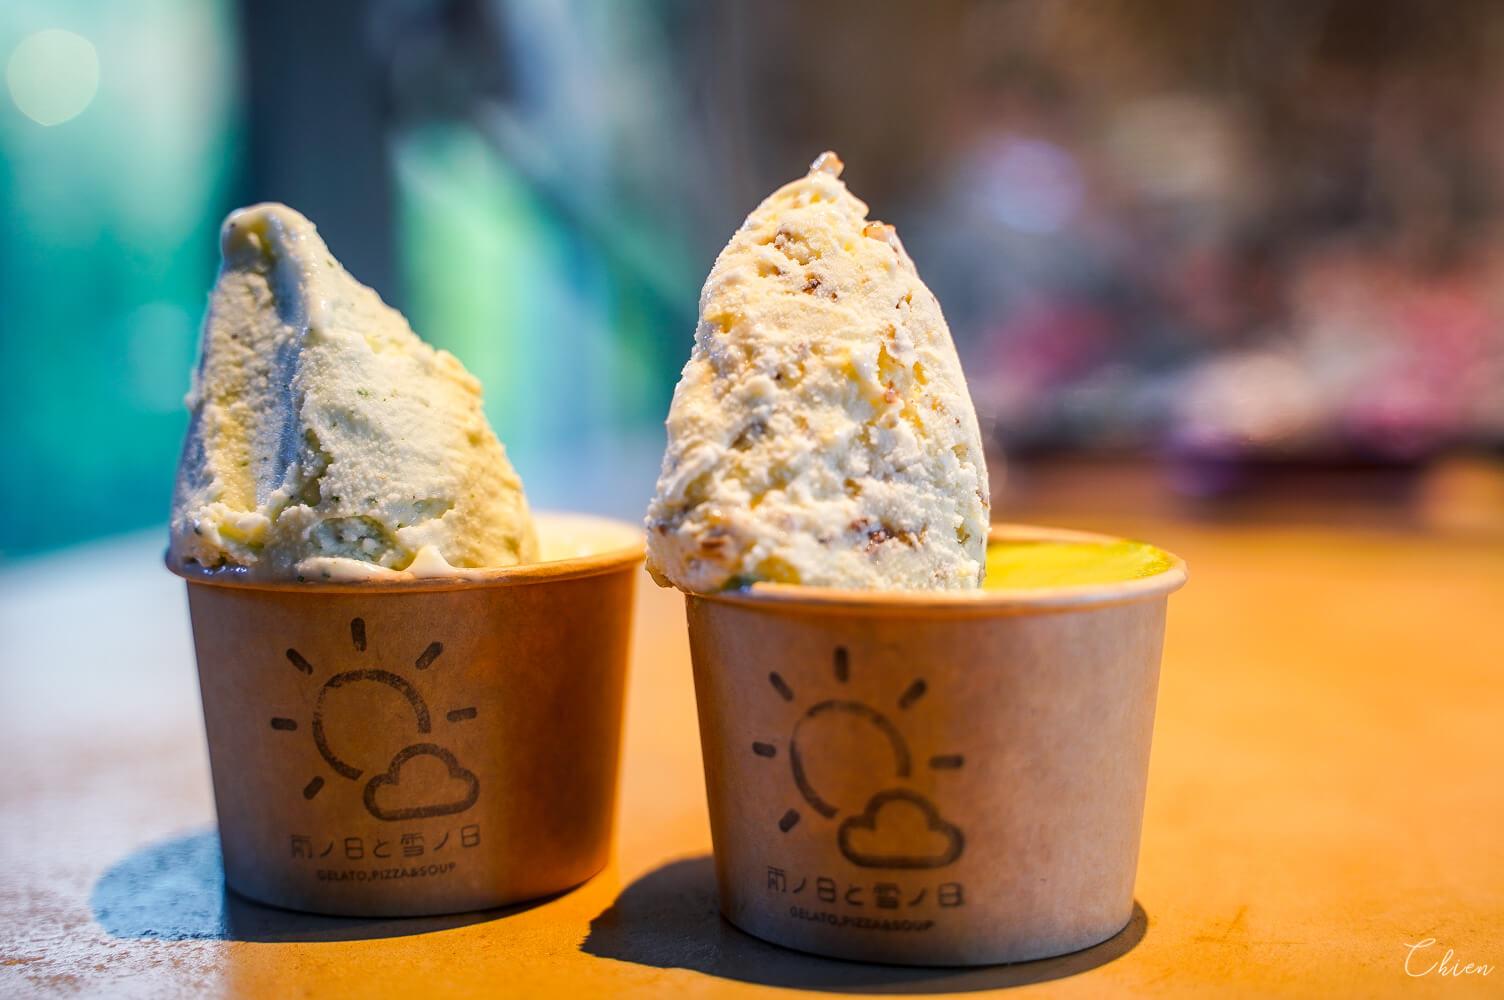 札幌定山溪「雨ノ日と雪ノ日」管他下雨或下雪,就是要吃冰!